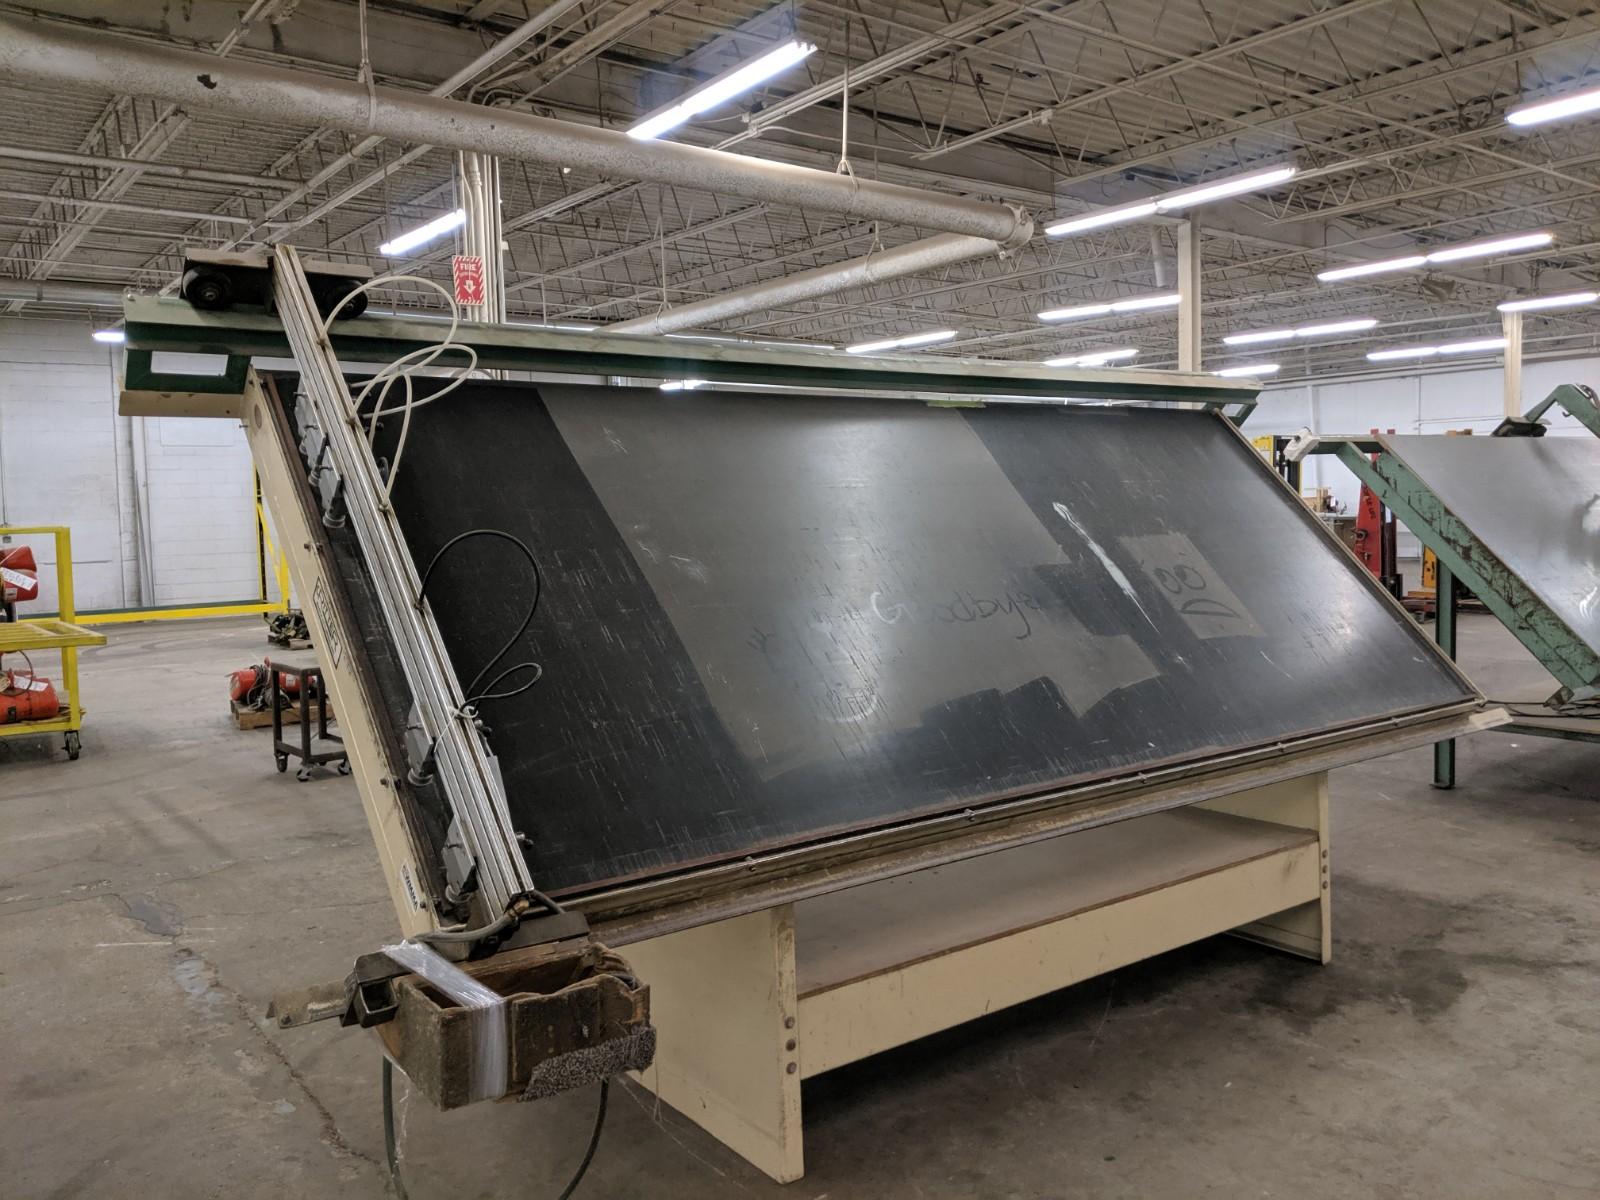 Lot 250 - Ritter Framing Table